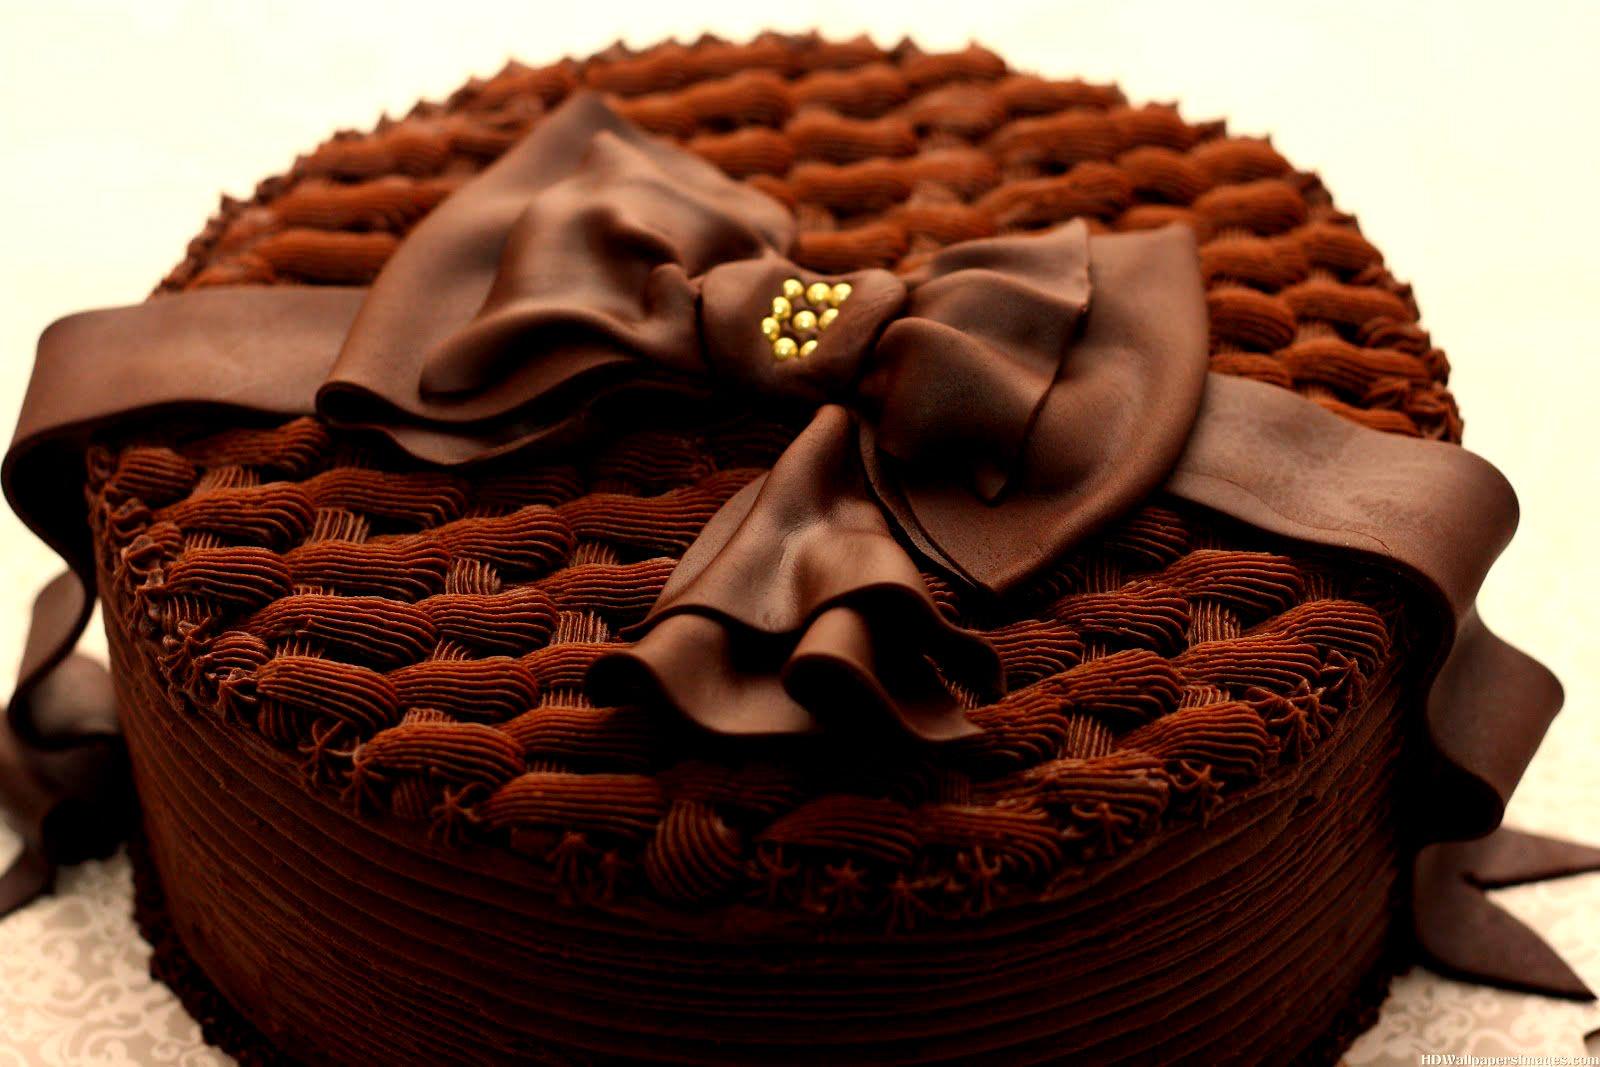 صور طريقة تزيين كيكة الشوكولاته , افكار بسيطه لتزين تورته الشيكولاته